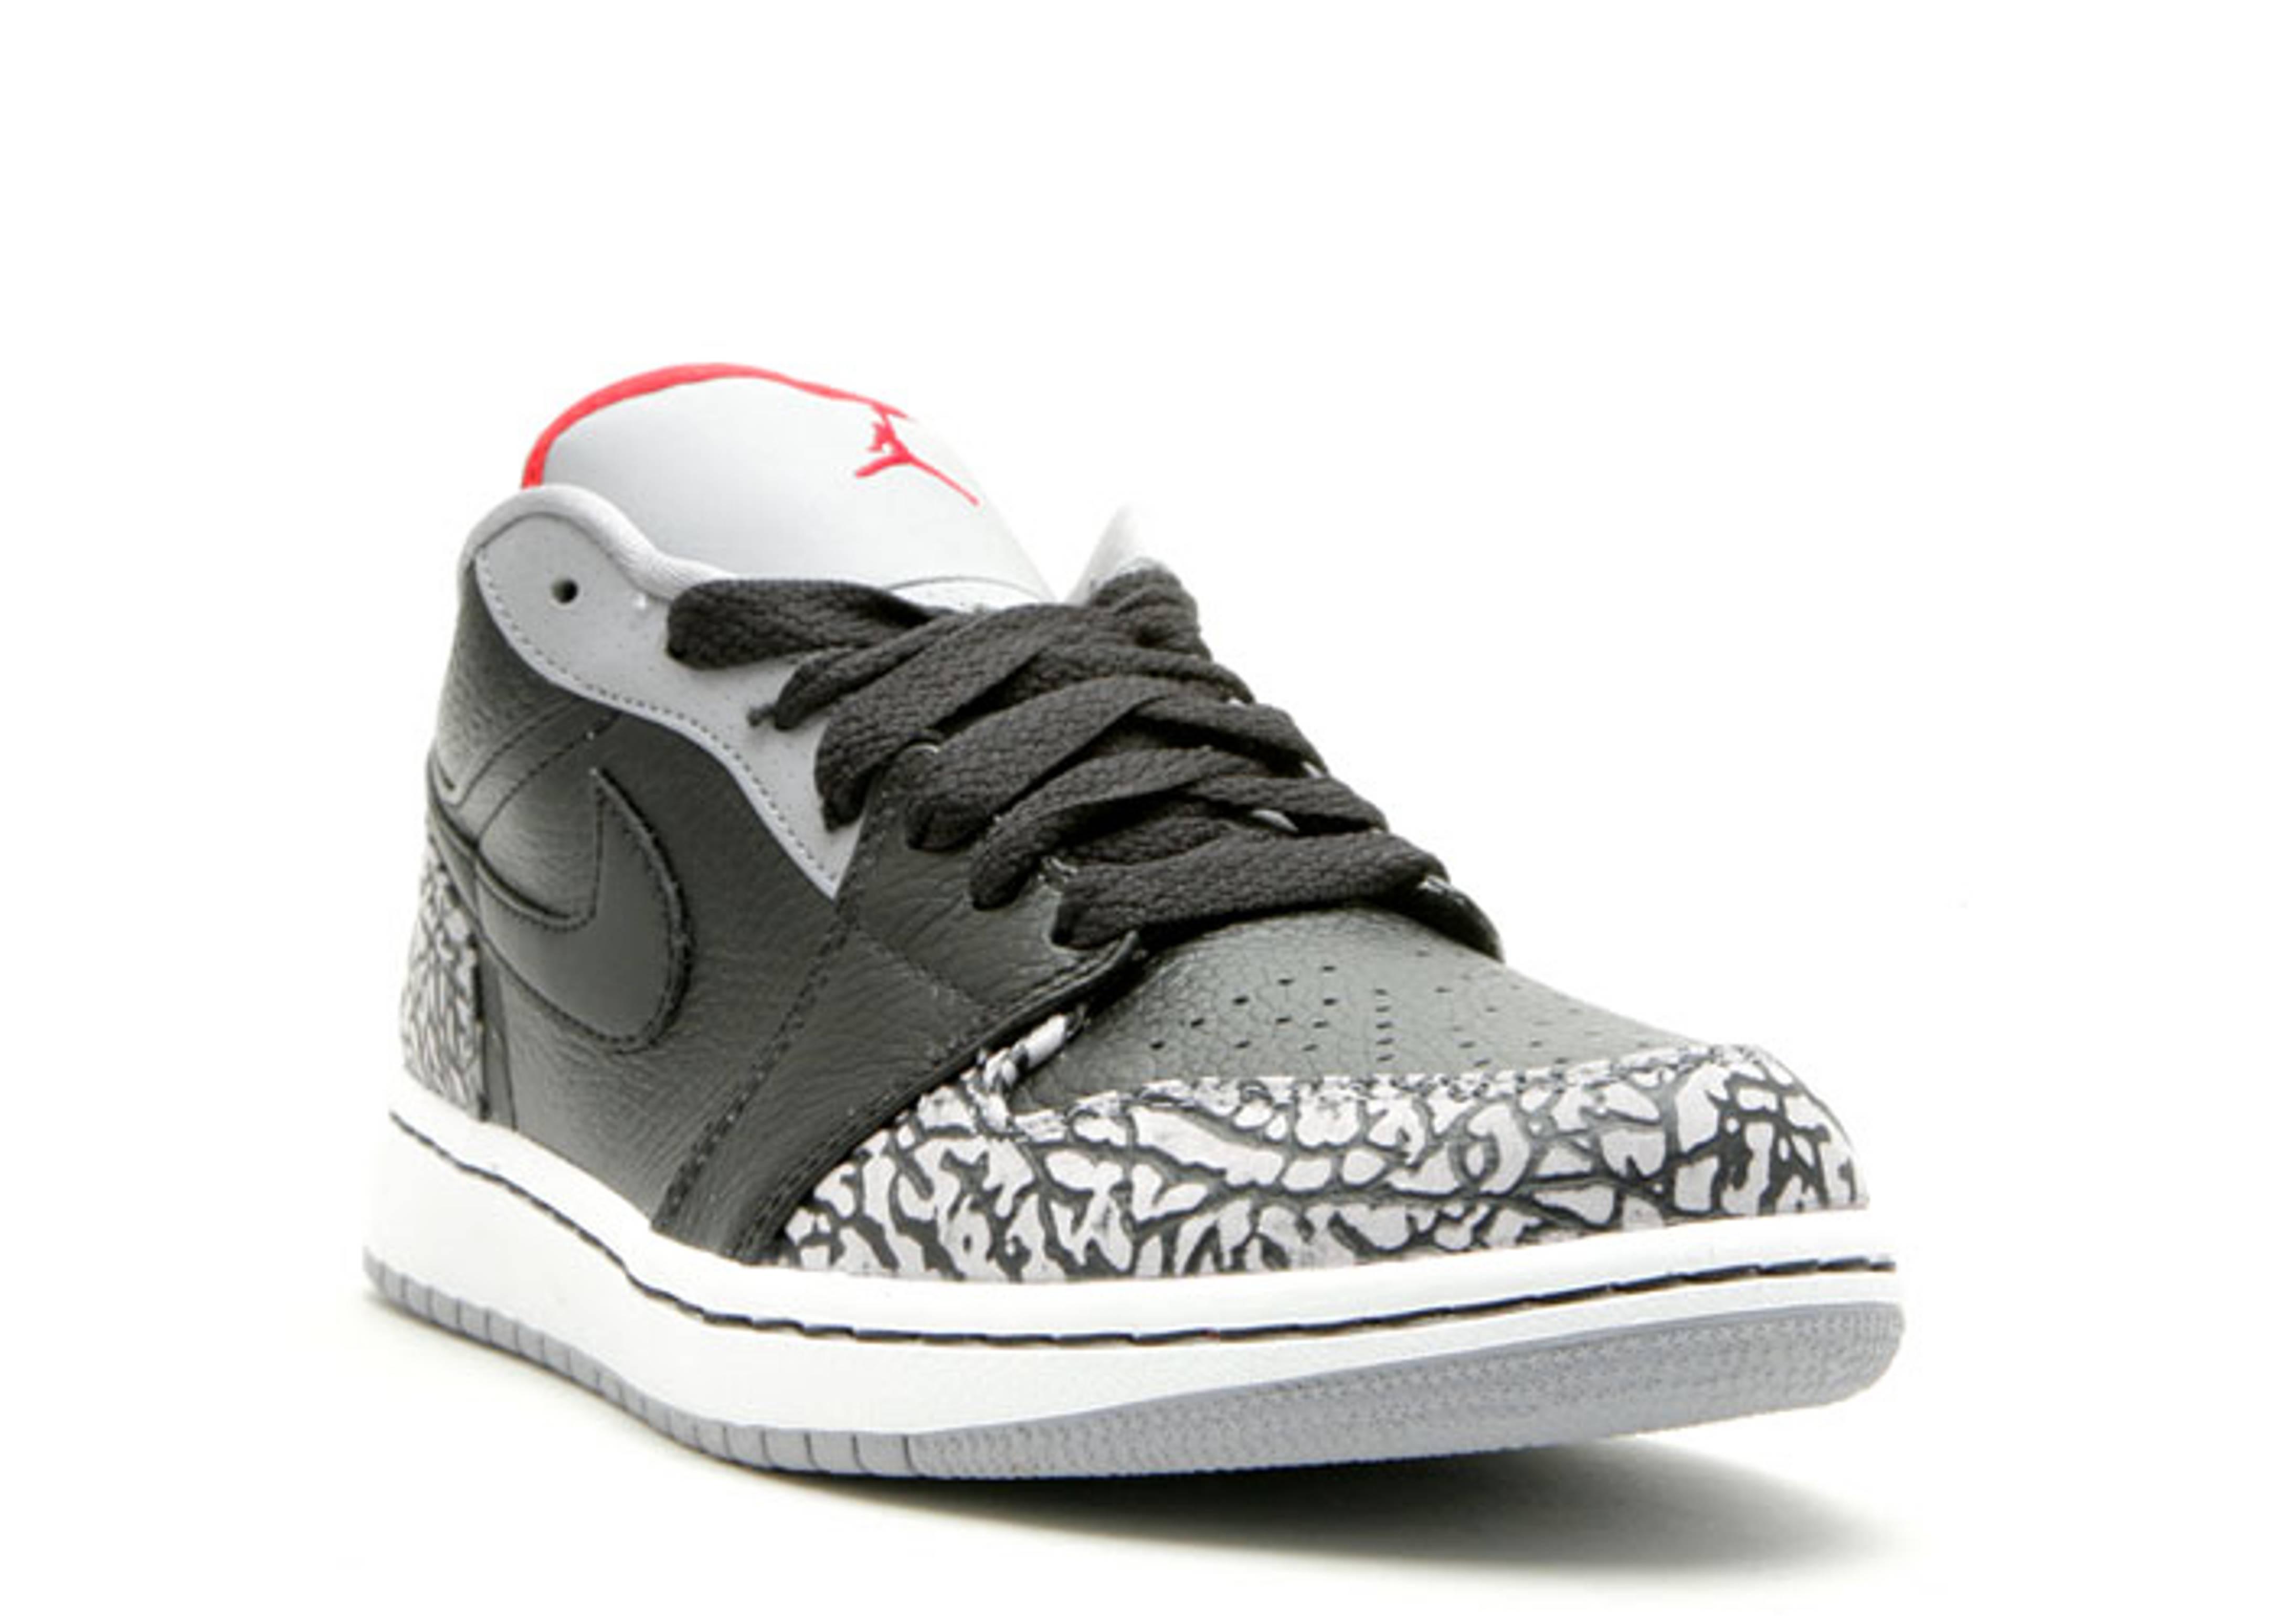 Air Jordan 1 Phat Low - Air Jordan - 350571 061 - black varsity red-white-cement  grey  7818557d3f